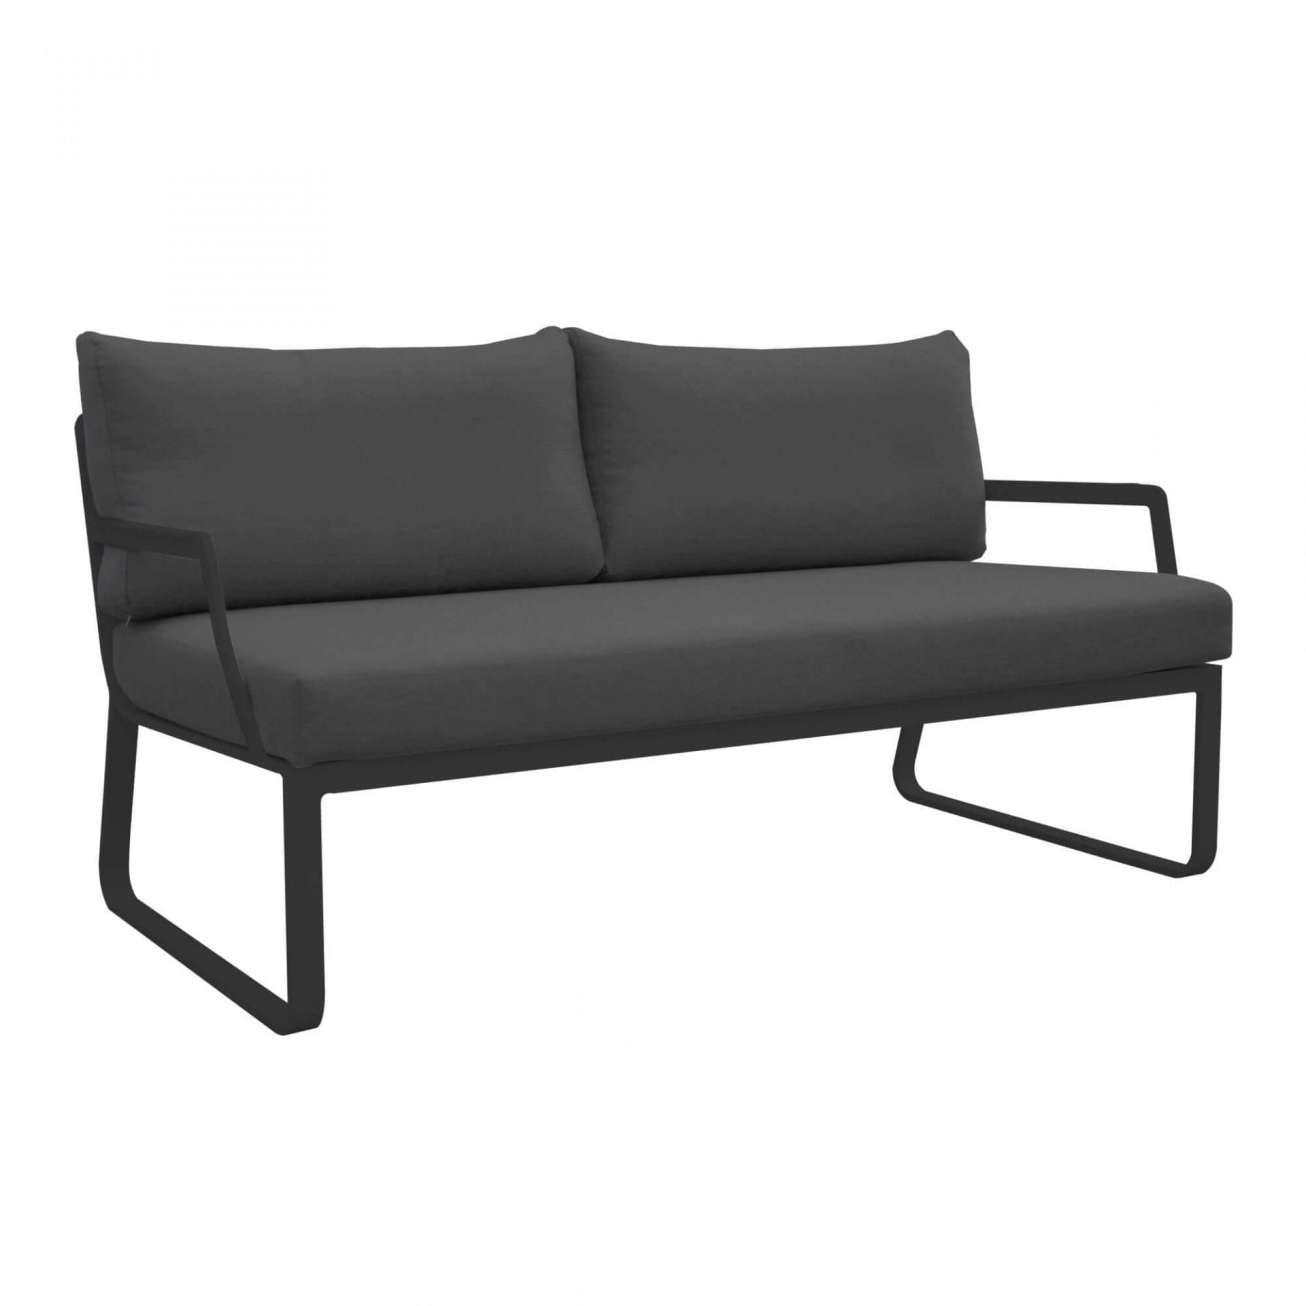 Gardenart toseter sofa i sort aluminium og sort tekstil